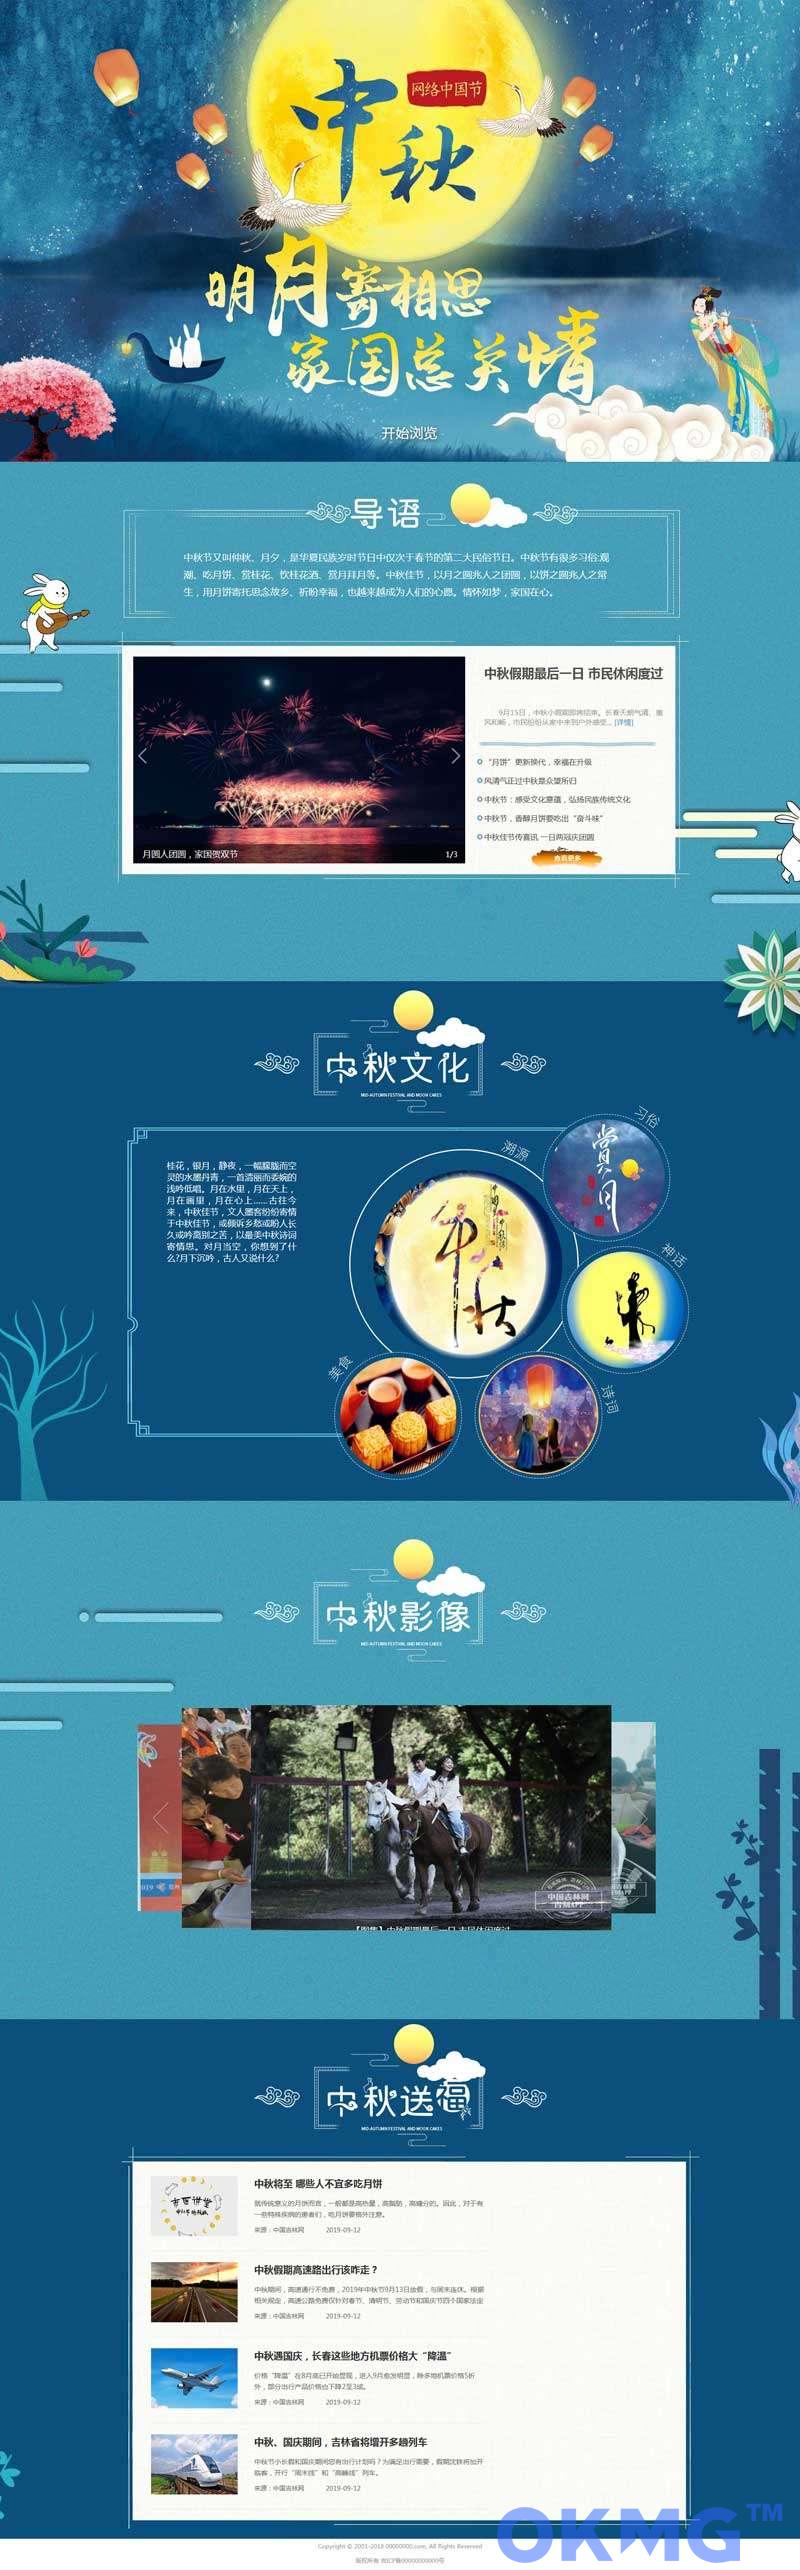 中国风中秋节专题页网站模板